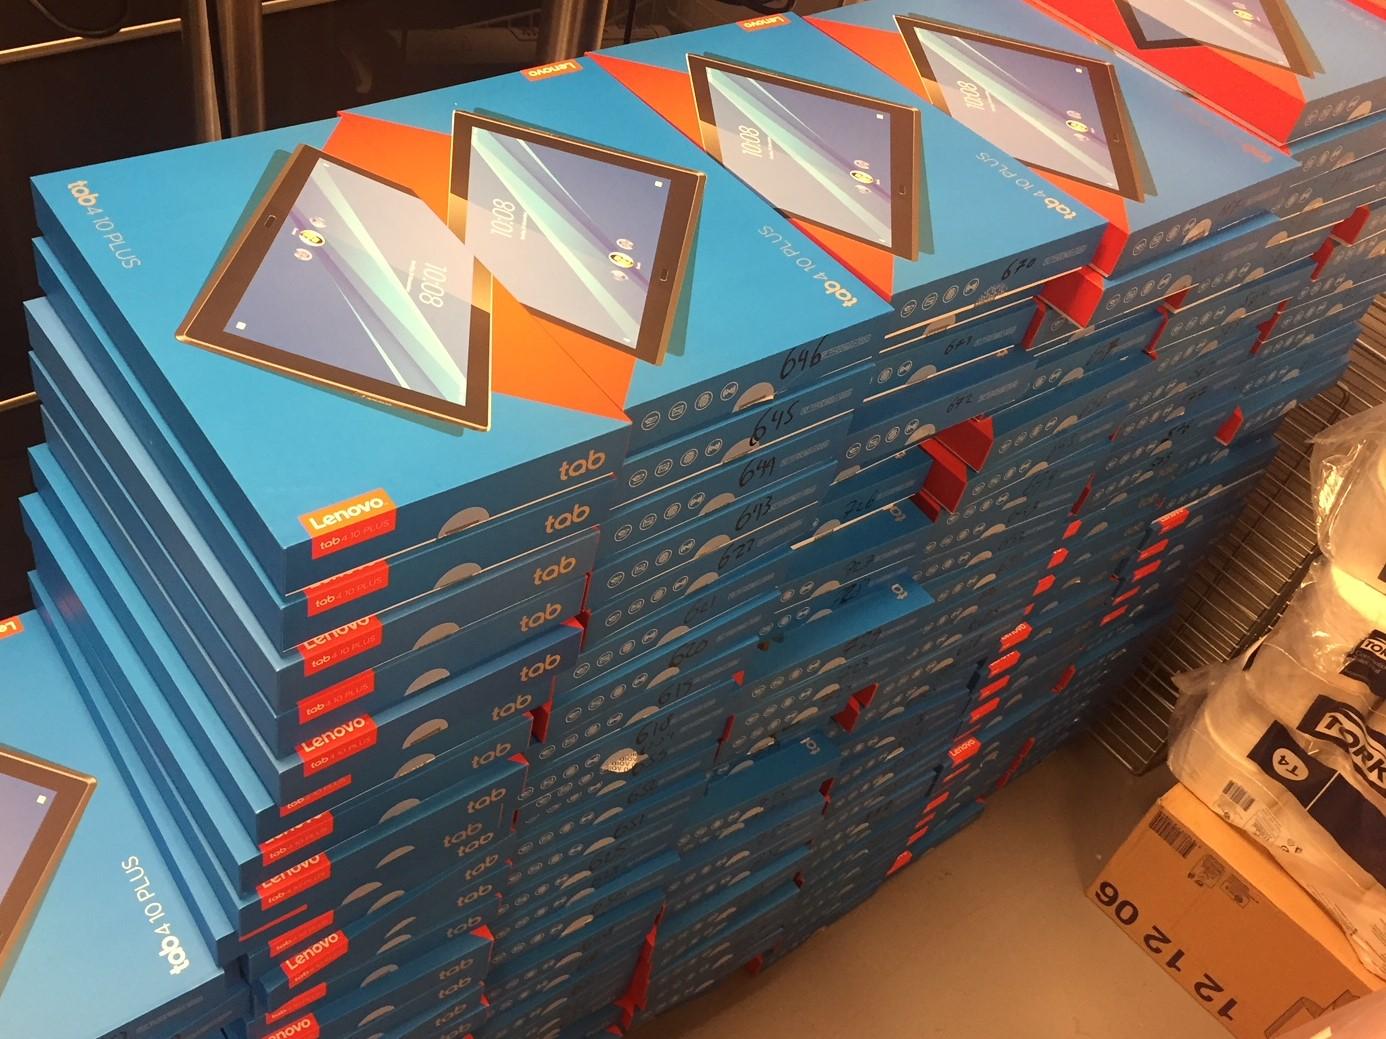 Lenovo tablets in dozen